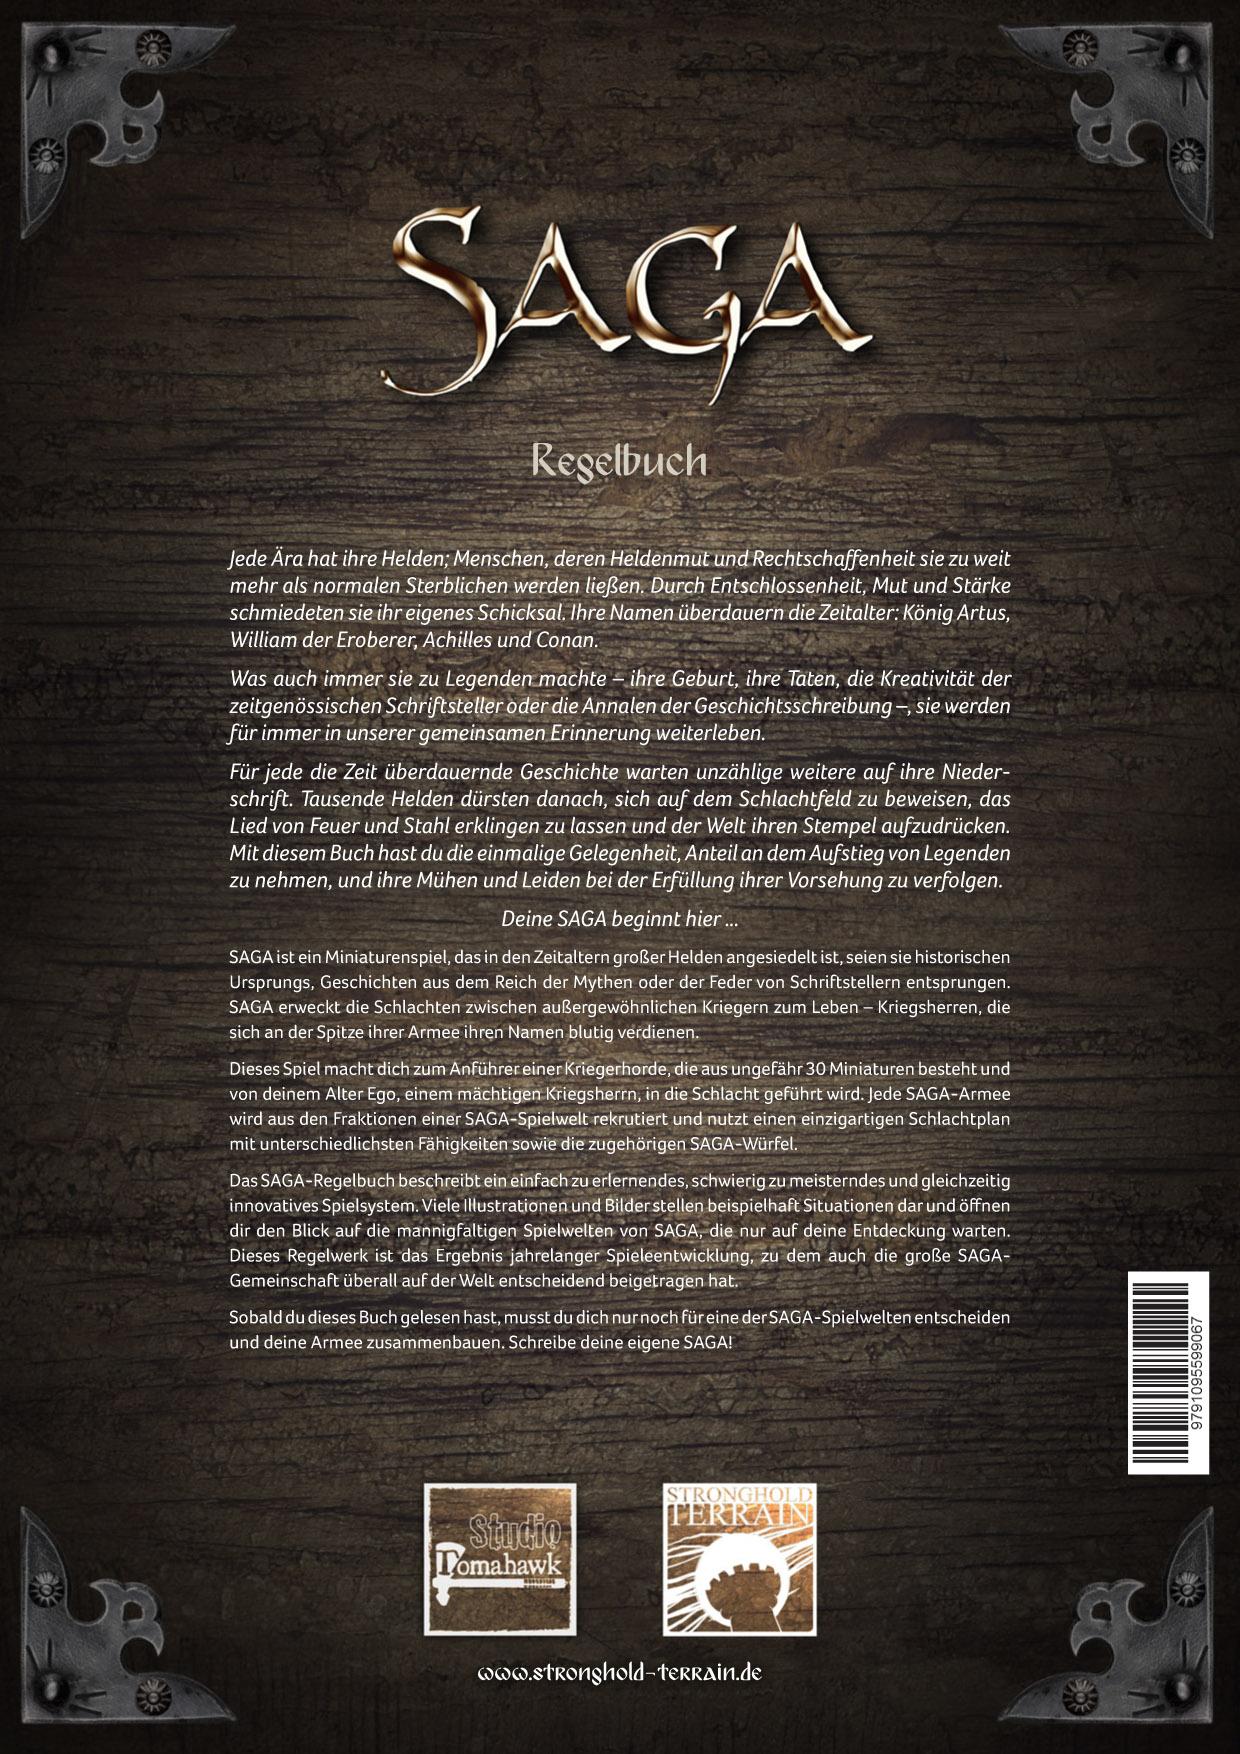 SAGA-2-Backcover.jpg